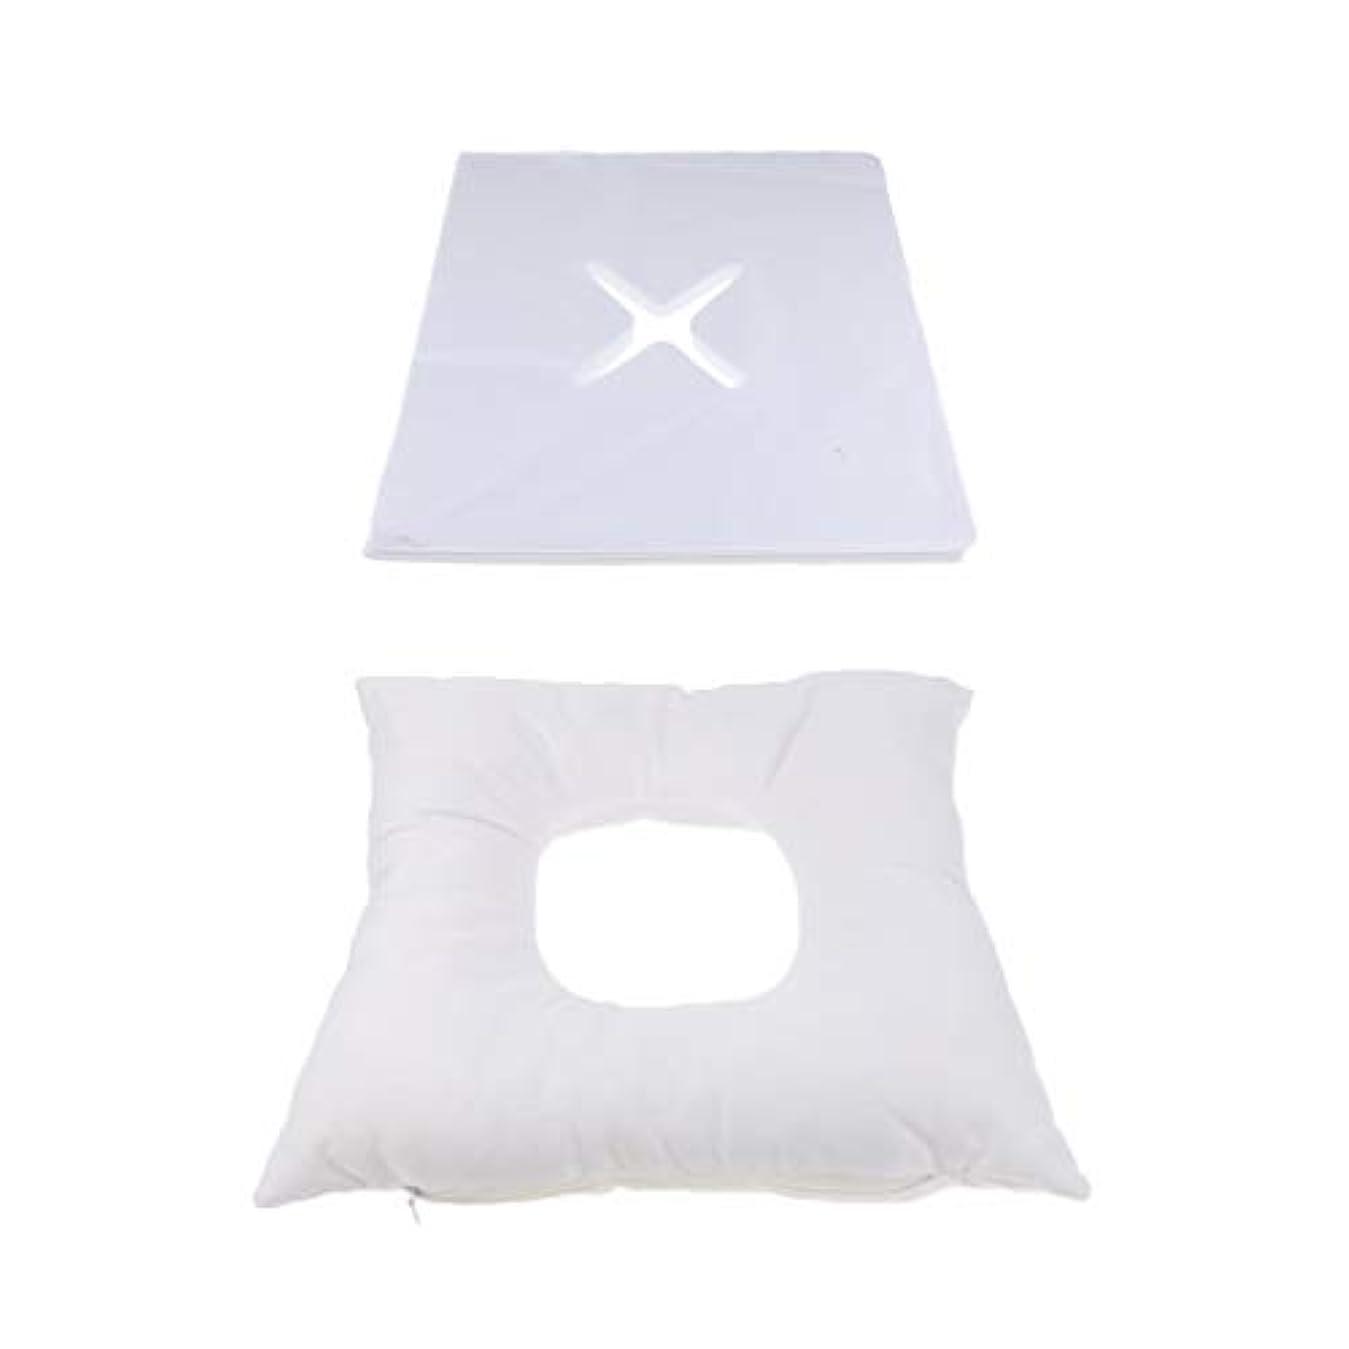 ライブオフ疑い者dailymall 200使い捨てカバーセットキットとスパマッサージベッド顔クレードルクッション枕